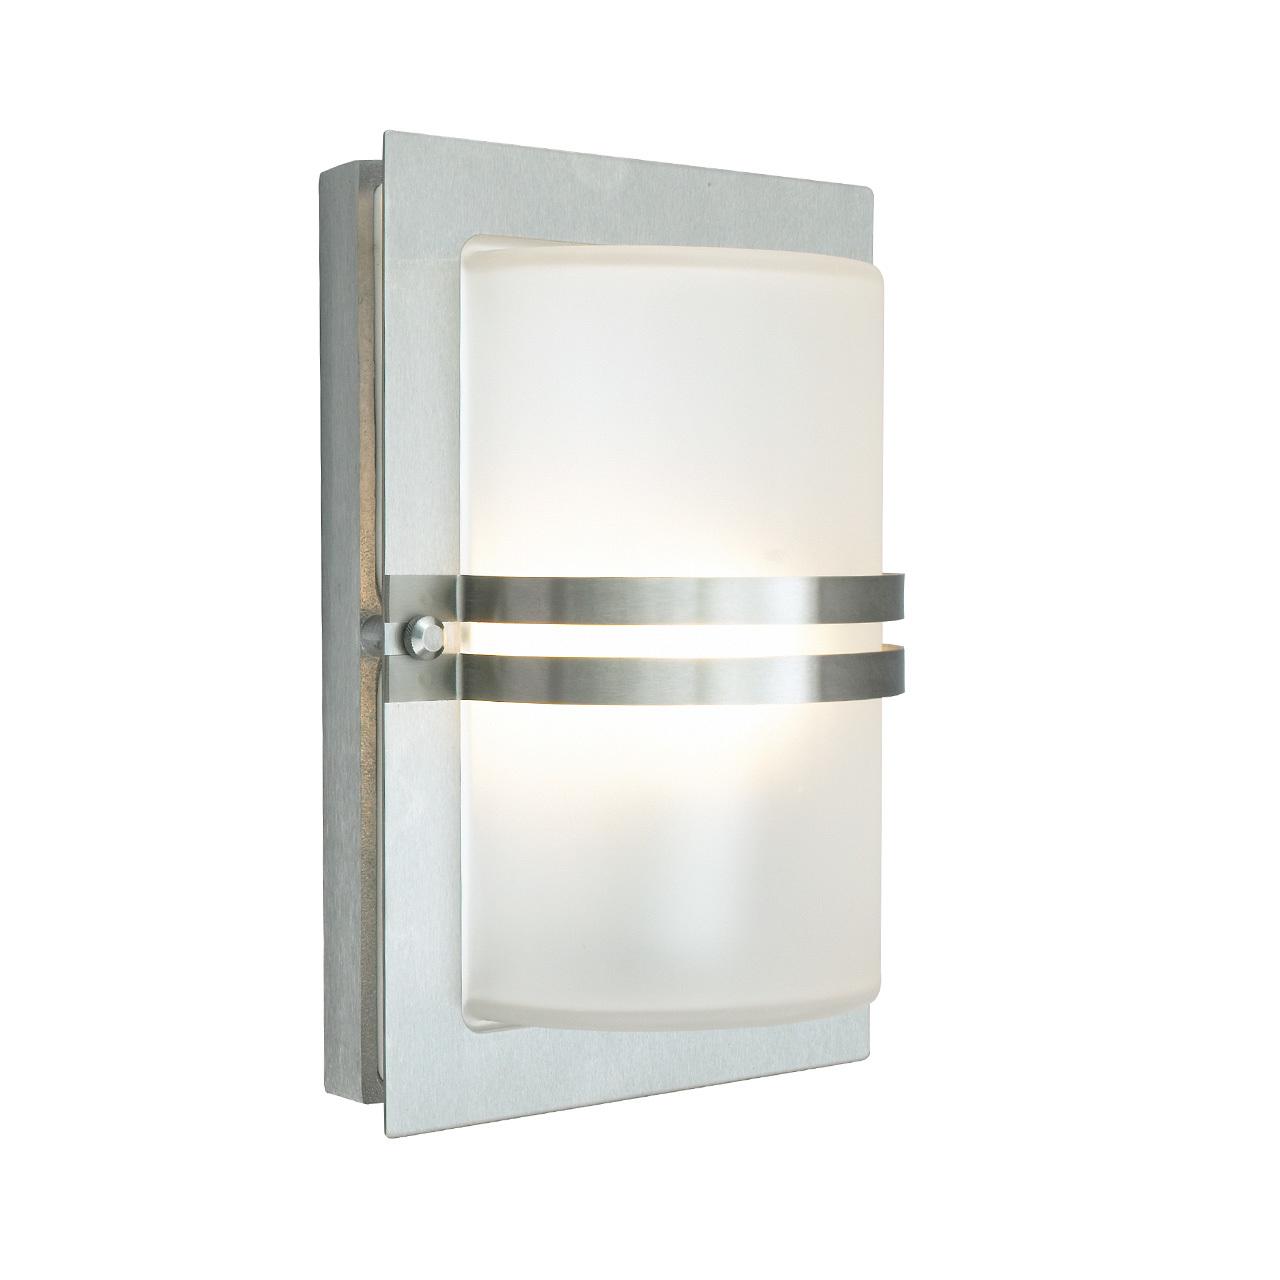 Lampa ścienna BASEL LED 681ST -Norlys  SPRAWDŹ RABATY  5-10-15-20 % w koszyku